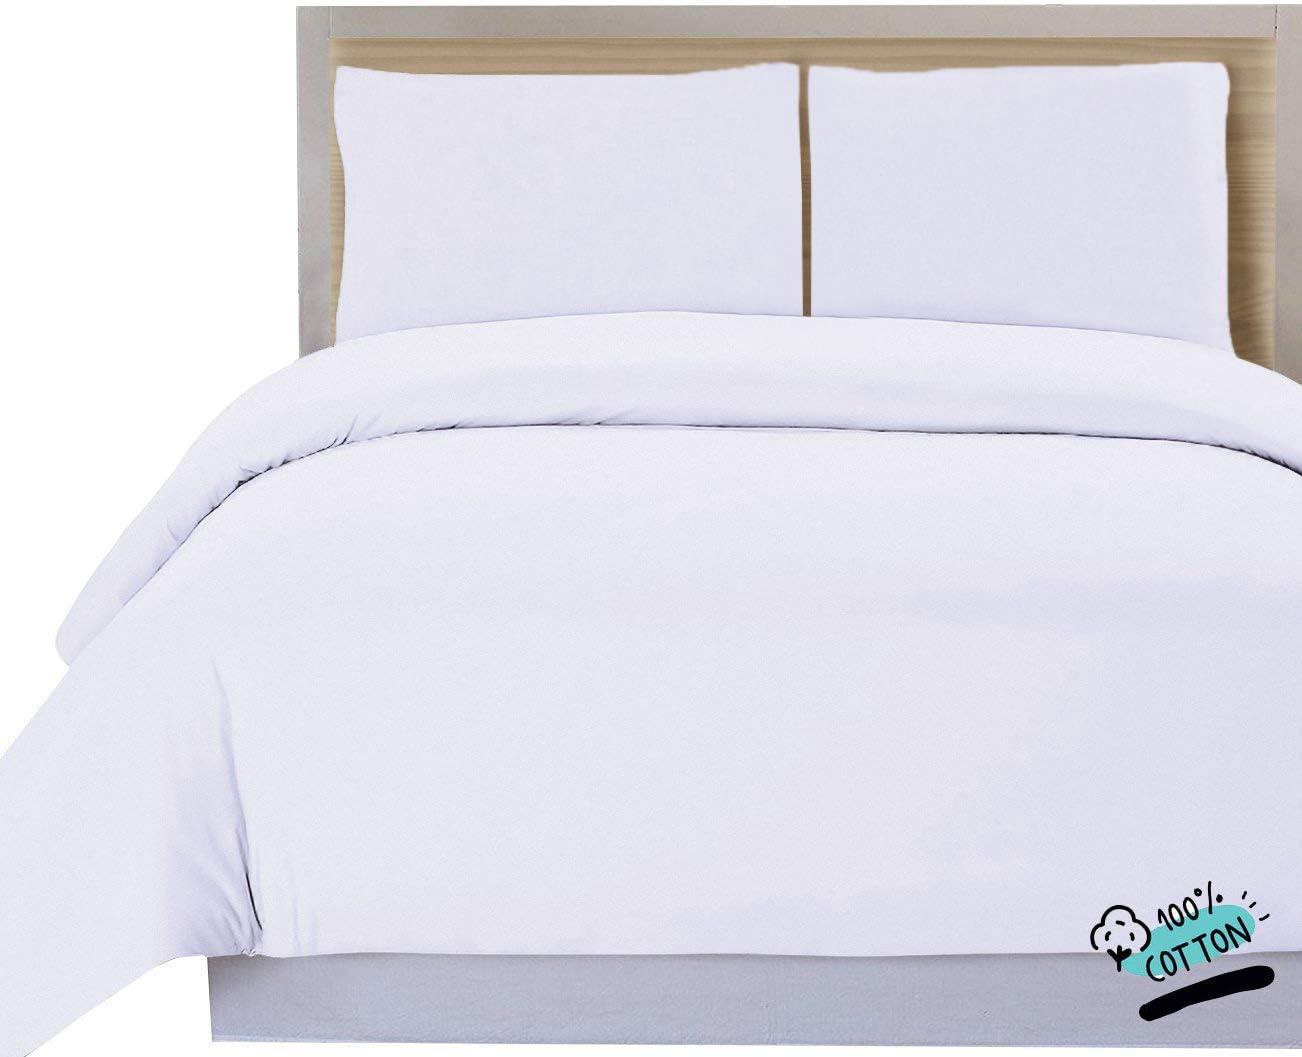 DHestia Hostelería - Funda Nórdica para Edredón Blanca Hotel 100% Algodón Natural (250x240 cm - Cama 150): Amazon.es: Hogar